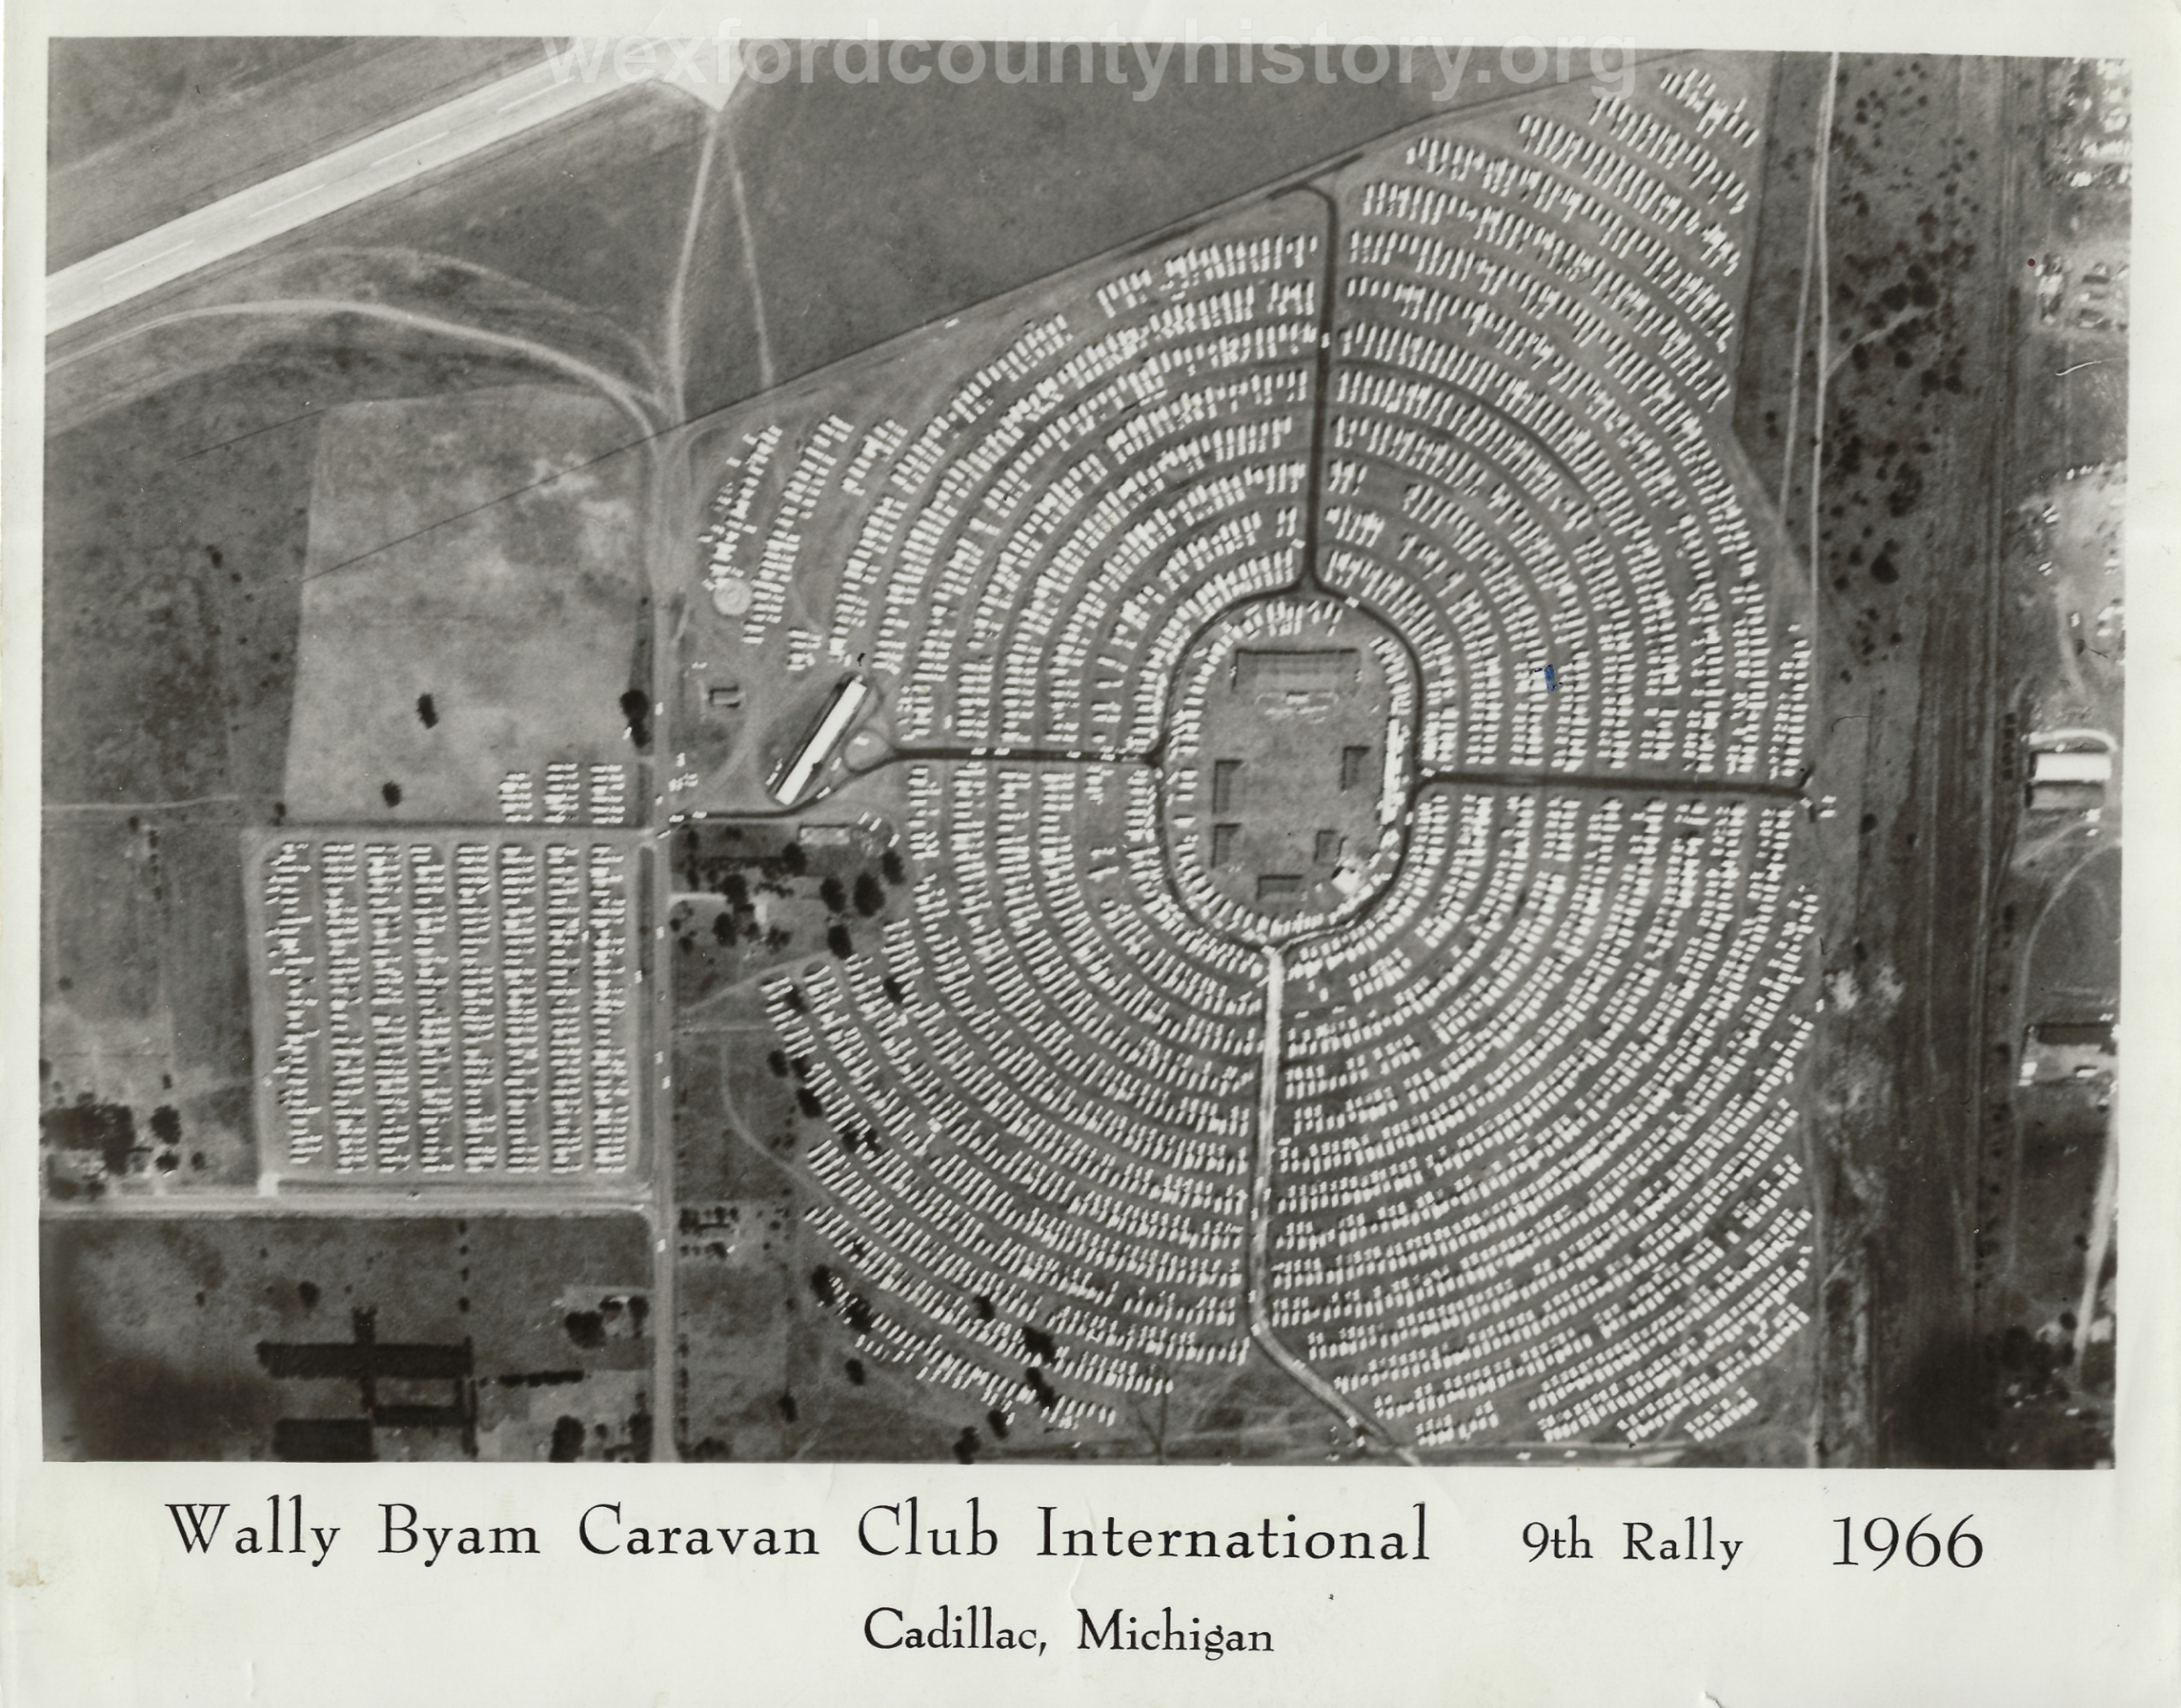 Wally Byam Caravan Club International, 1966